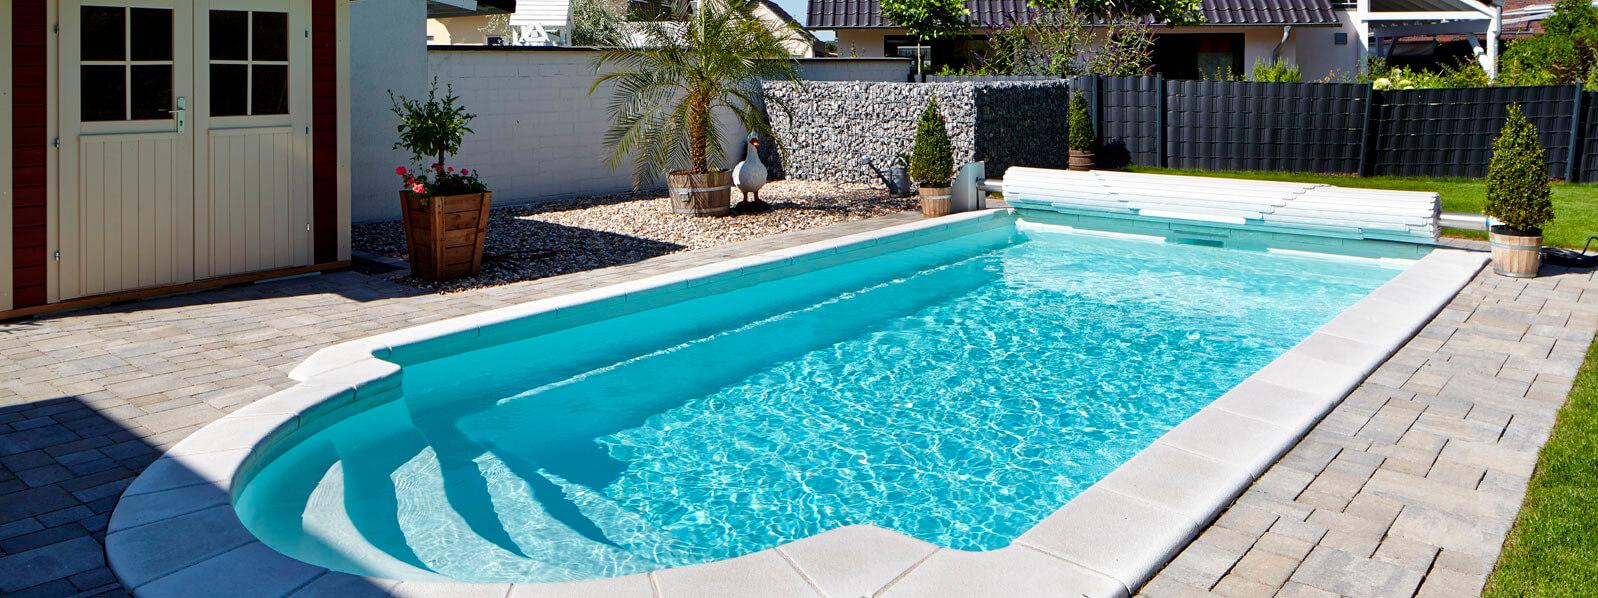 Fertigbecken einfacher einbau mit splitt - Pool ohne beton ...